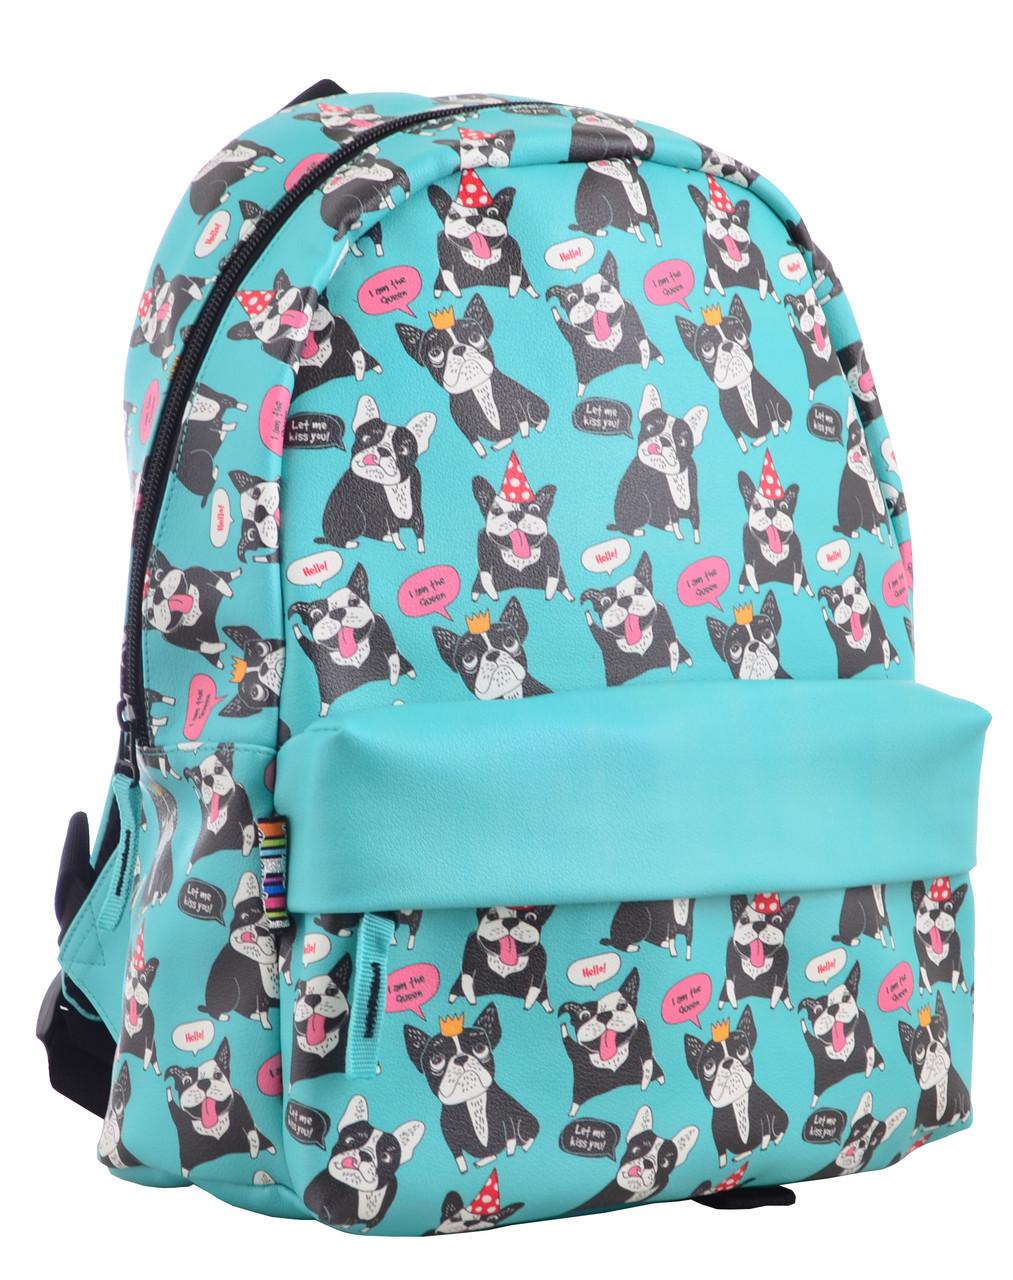 Рюкзак підлітковий ST-28 Okey dokey, 34*24*13.5